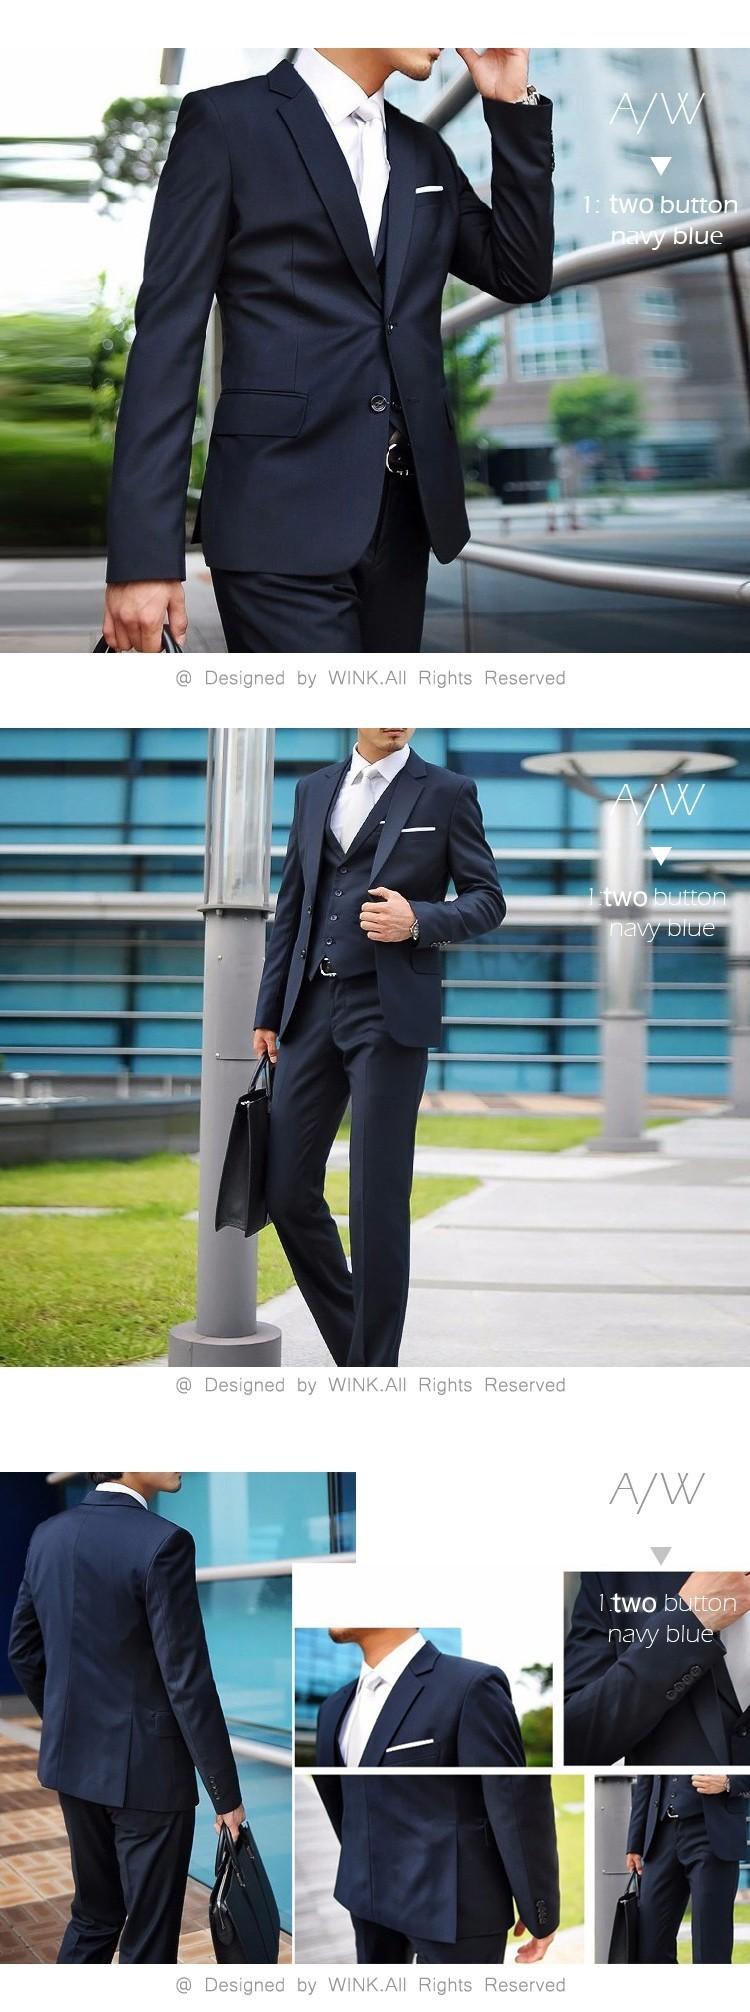 Best Jacket+Pant+Tie Men Wedding Suit Sets Tuxedo Formal Fashion ...